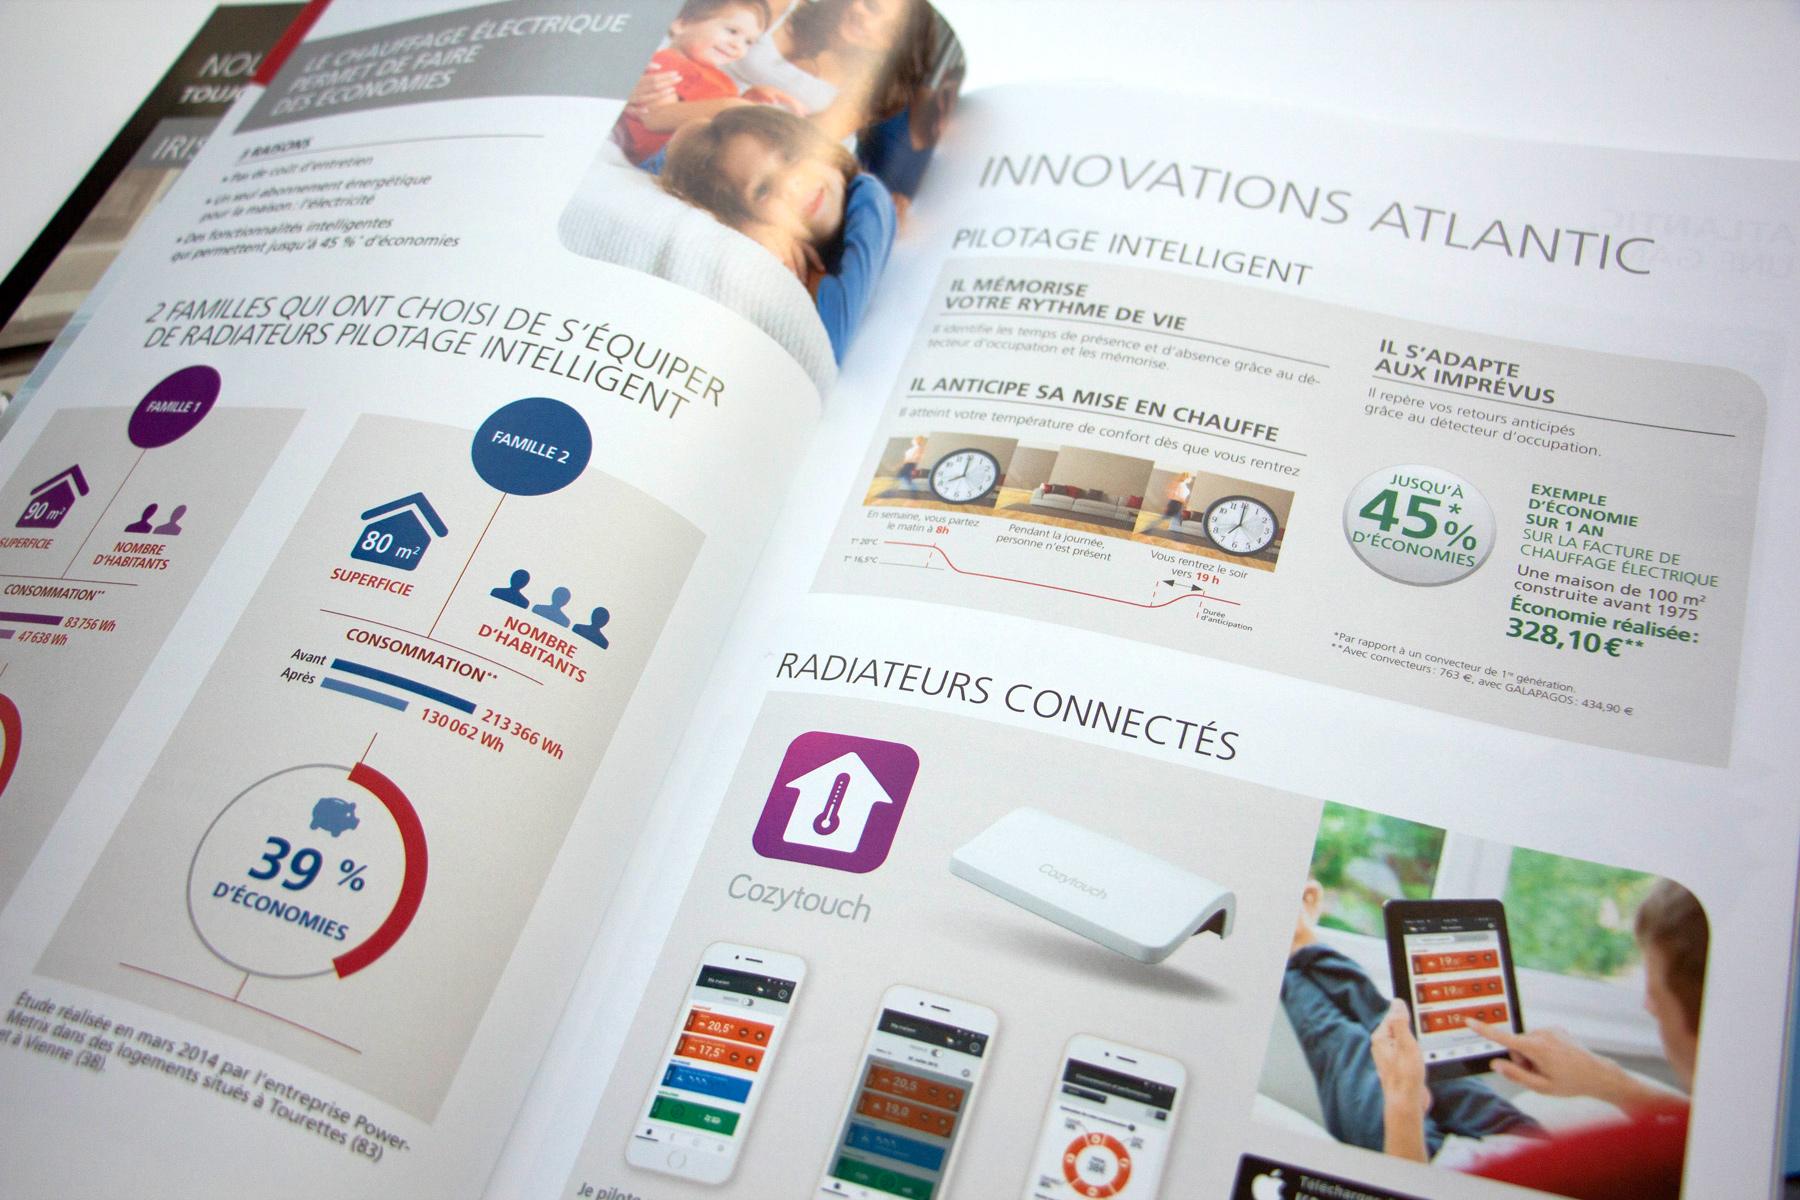 Photo de détails de mise en page du catalogue Atlantic